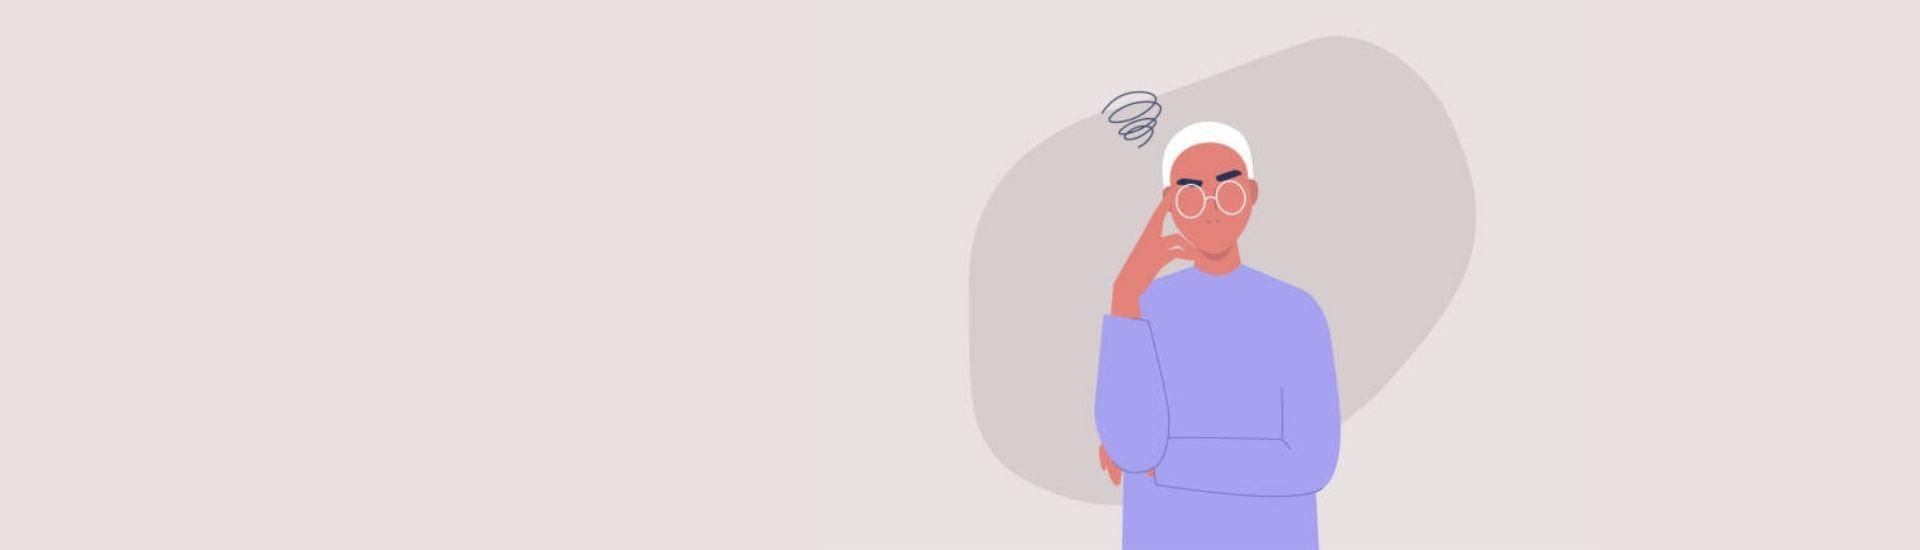 Ilustración de un estudiante que intenta encontrar su identidad